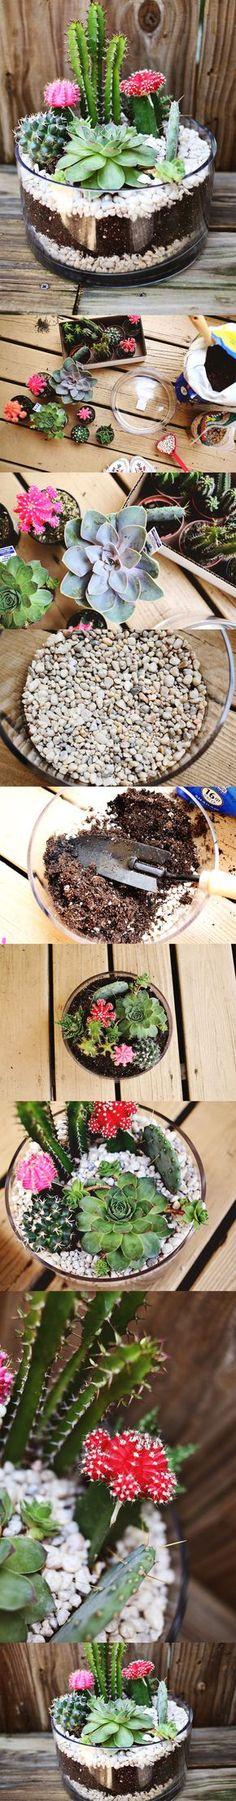 DIY Cactus Planter #springfever